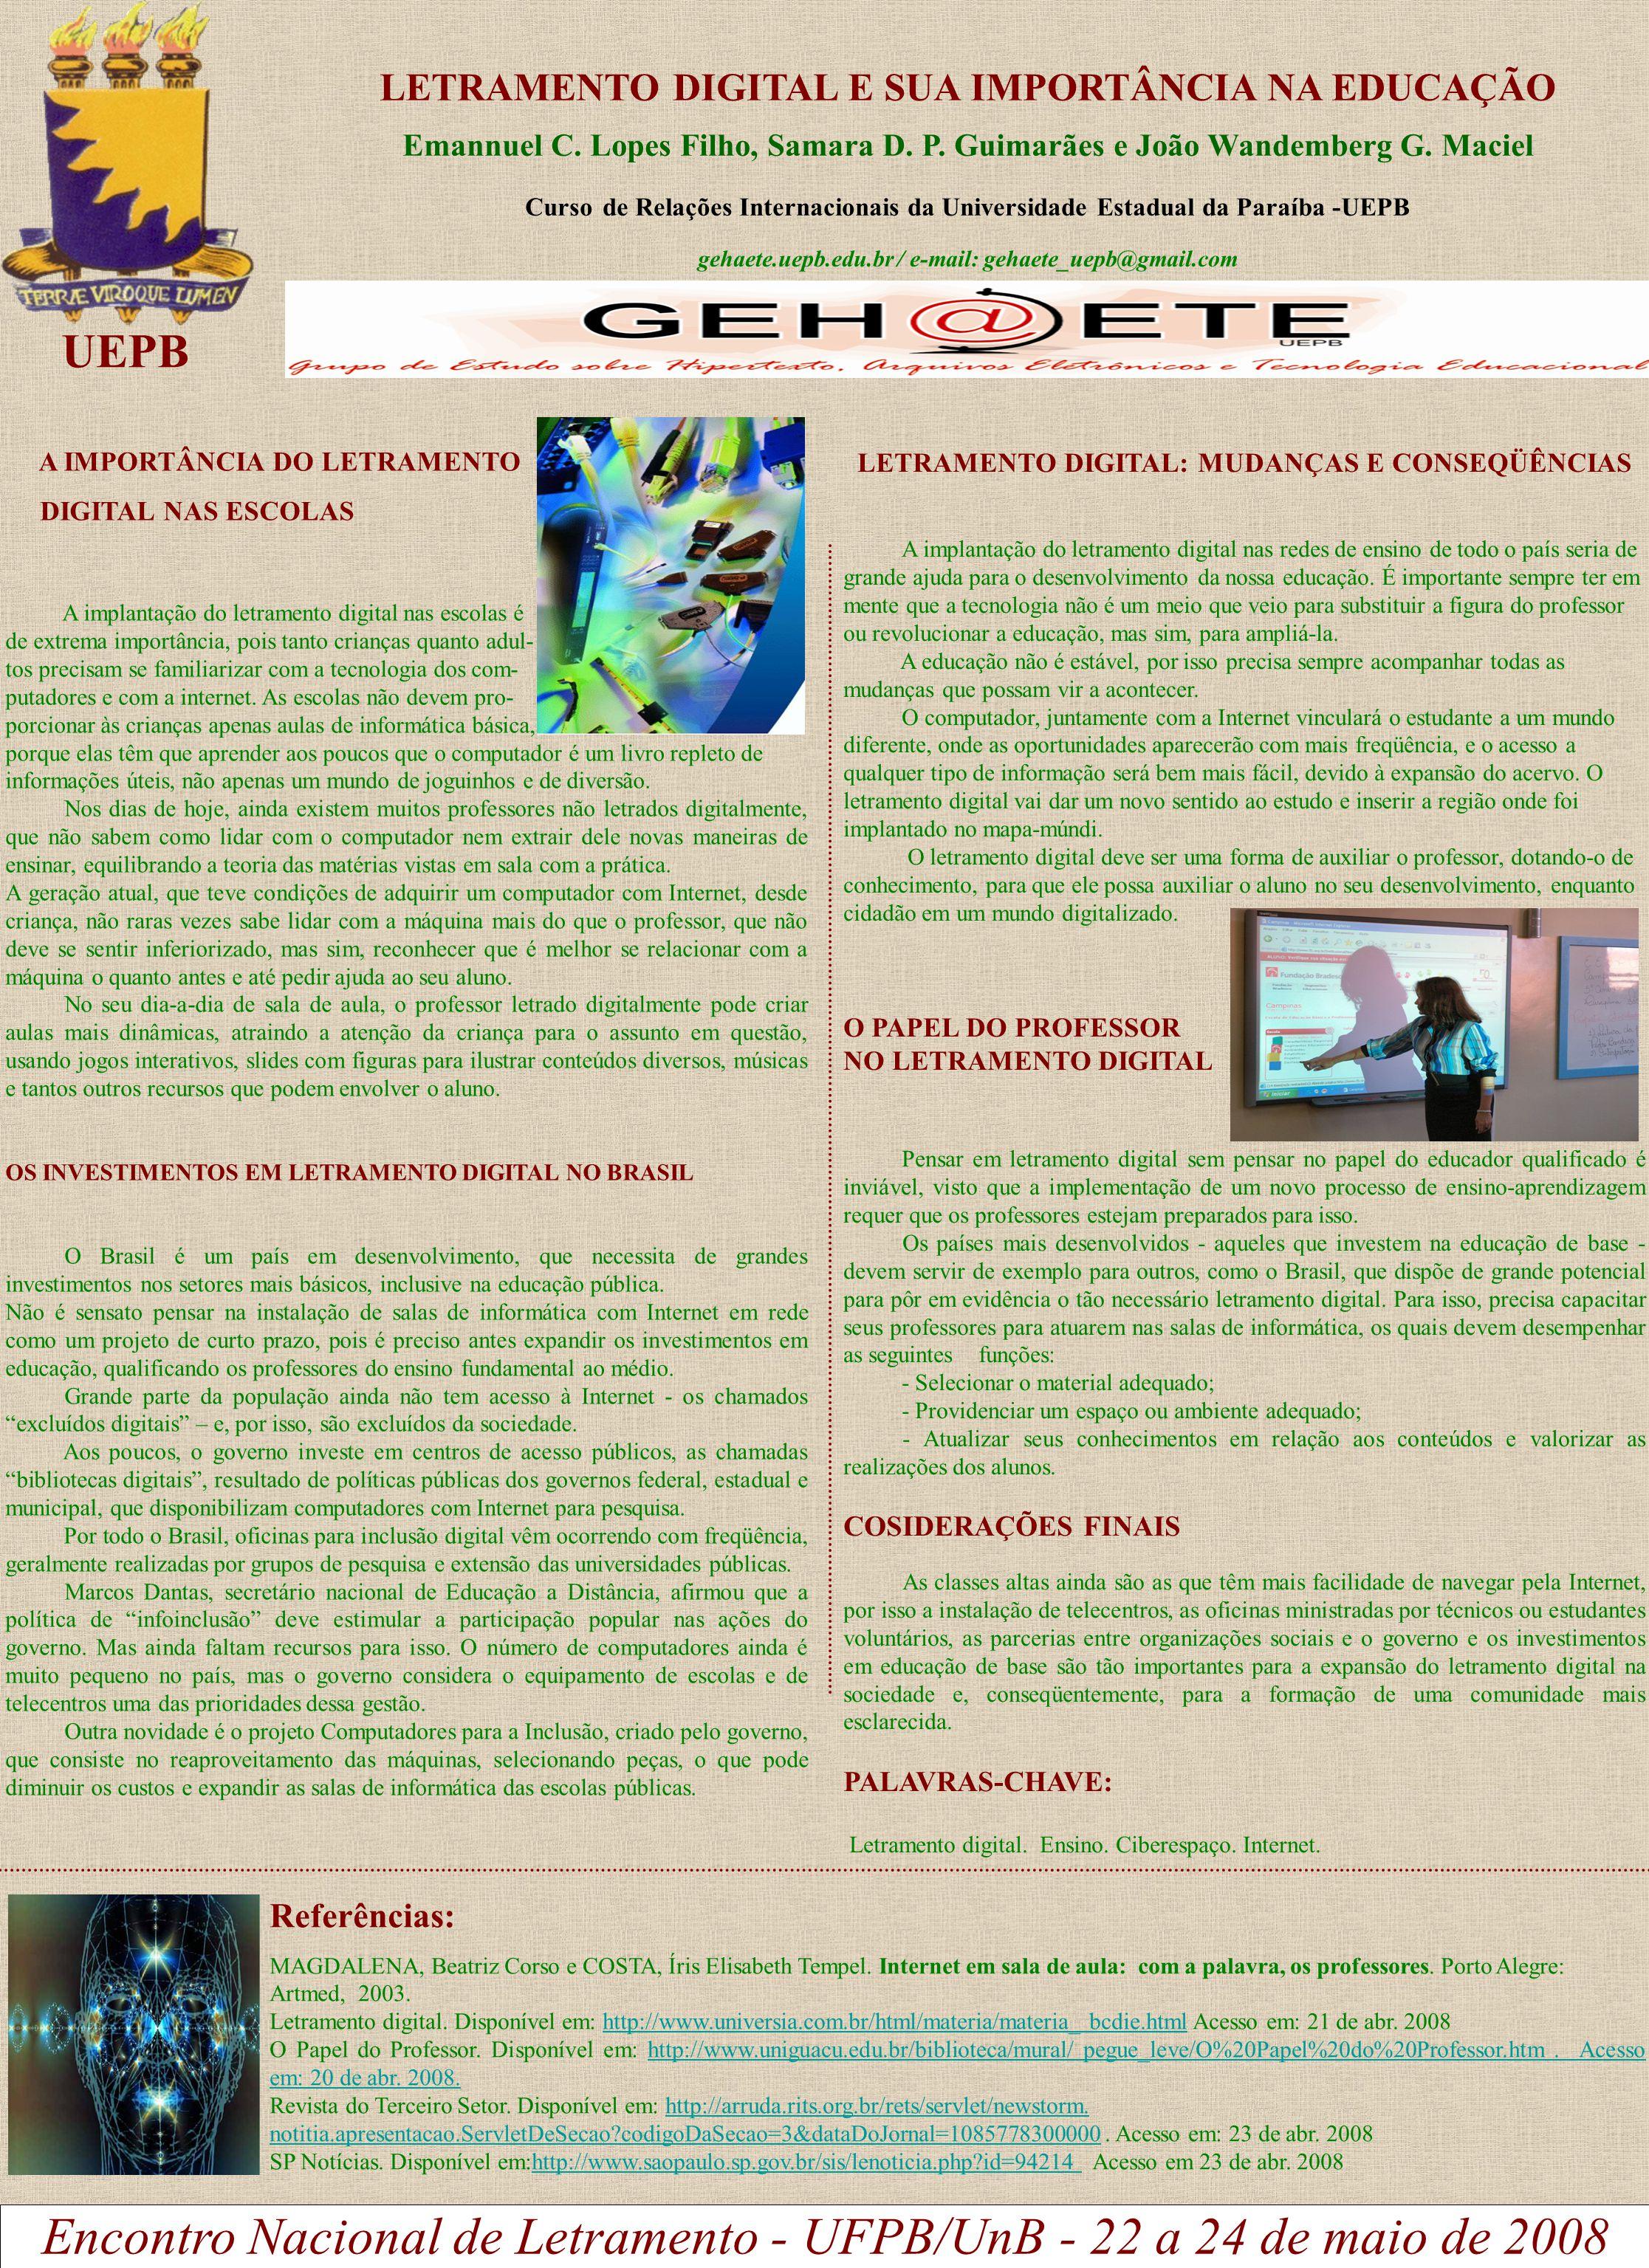 LETRAMENTO DIGITAL E SUA IMPORTÂNCIA NA EDUCAÇÃO Emannuel C. Lopes Filho, Samara D. P. Guimarães e João Wandemberg G. Maciel Curso de Relações Interna